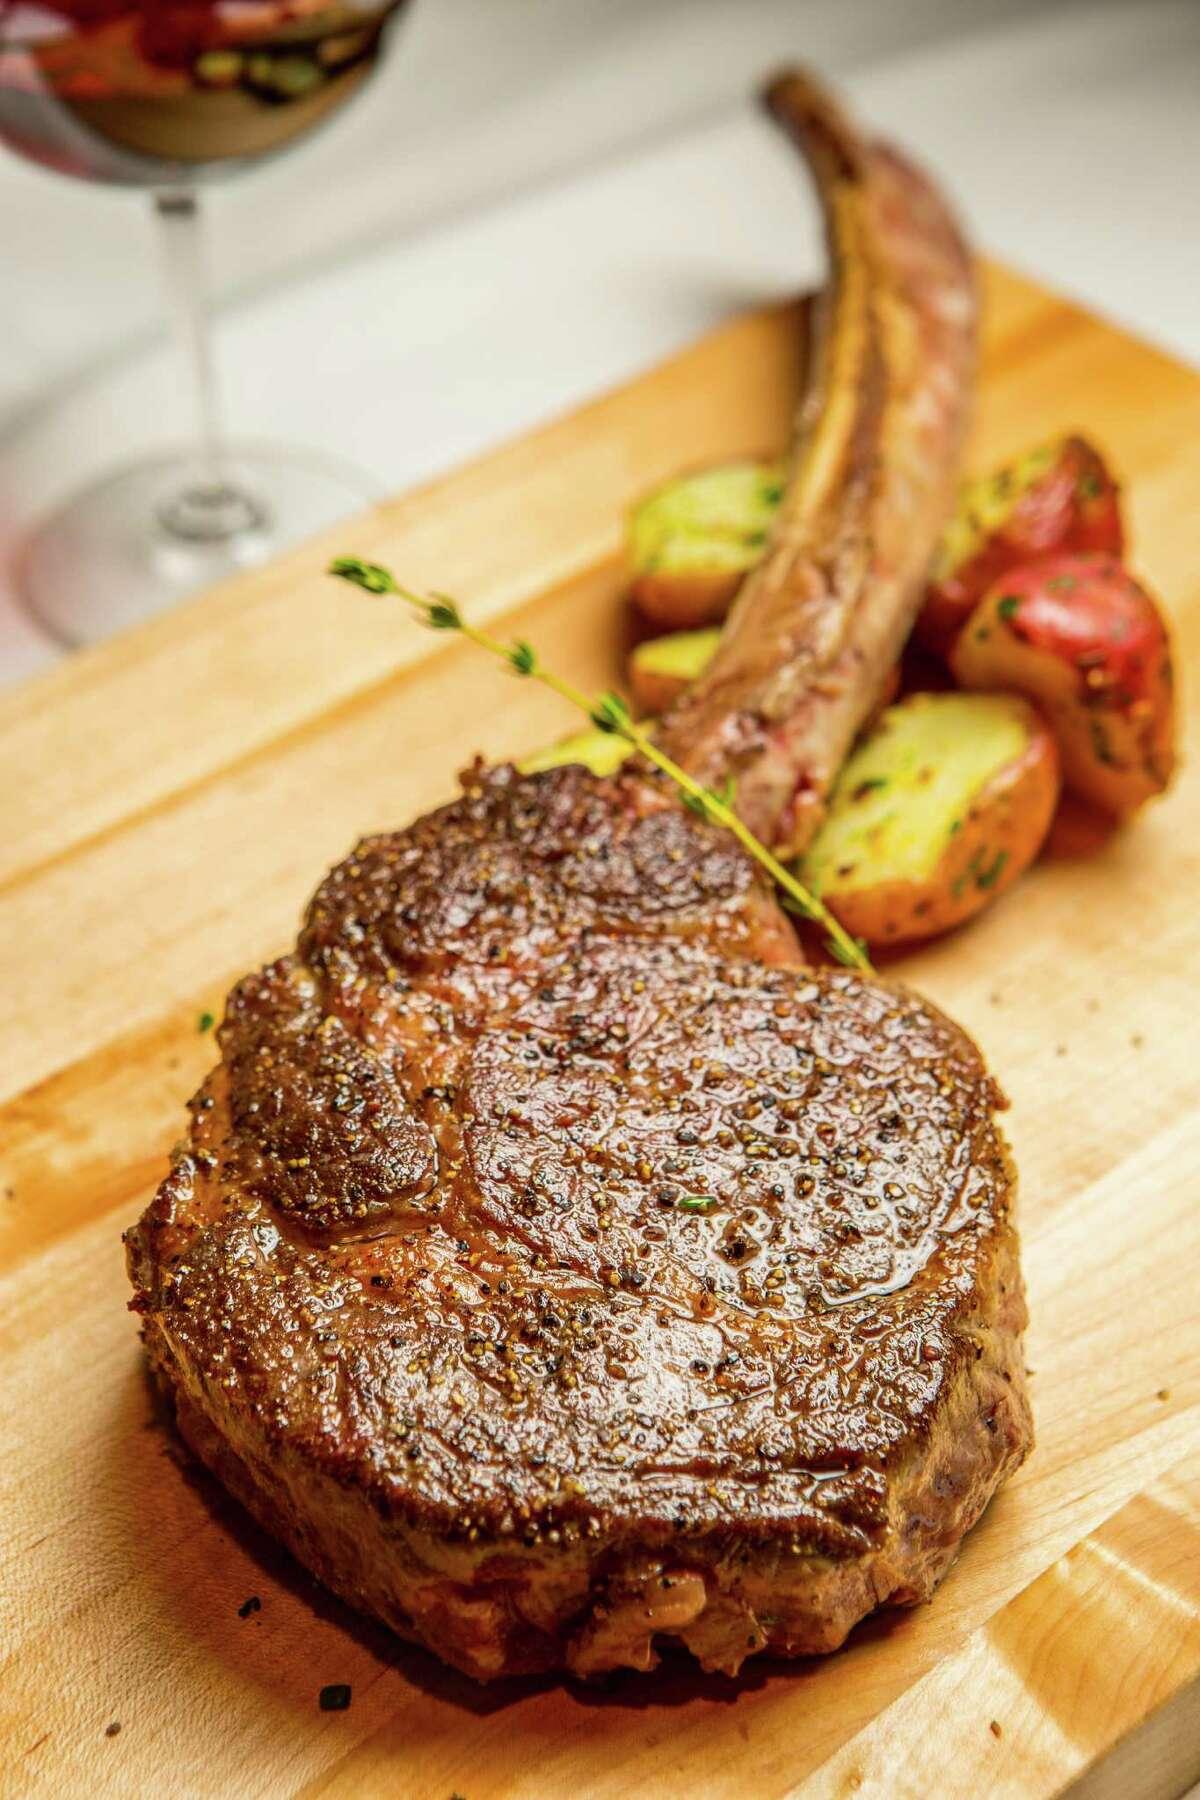 Bone-in American wagyu ribeye steak at Killen's Steakhouse in Pearland. ( Nick de la Torre )